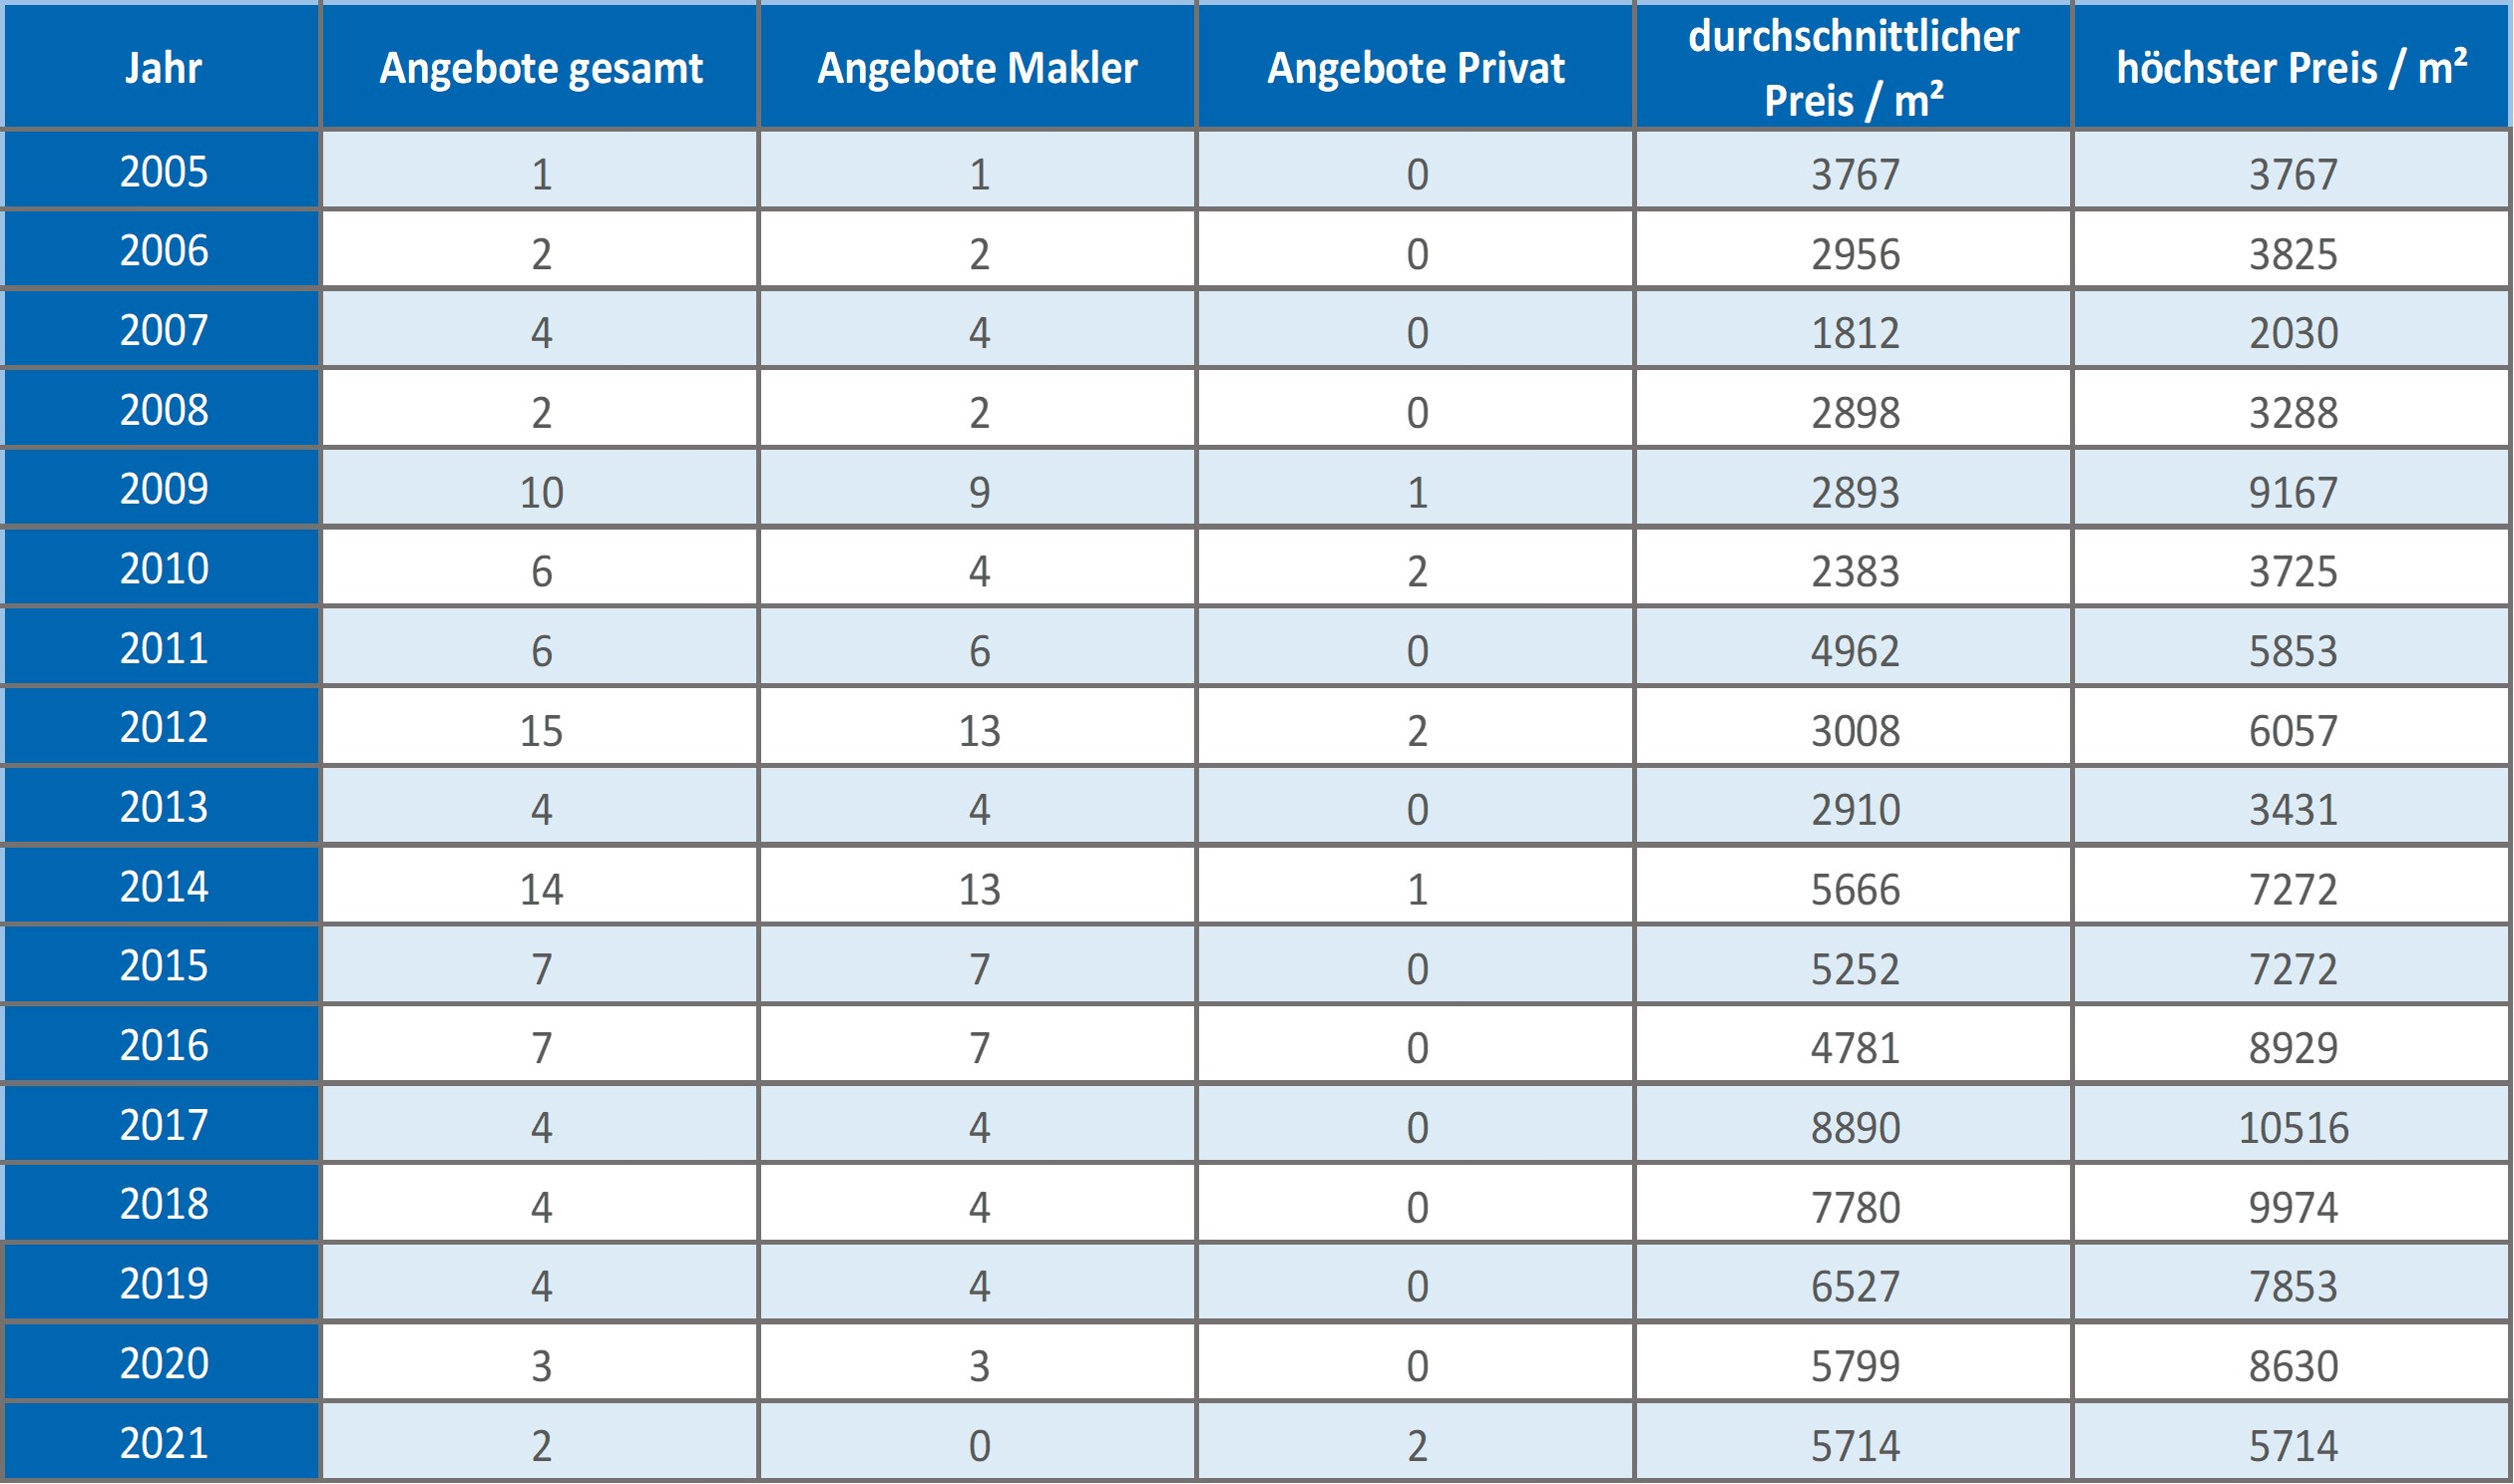 Rottach-Egern Mehrfamilienhaus kaufen verkaufen Preis Bewertung Makler  2019 2020 2021 www.happy-immo.de